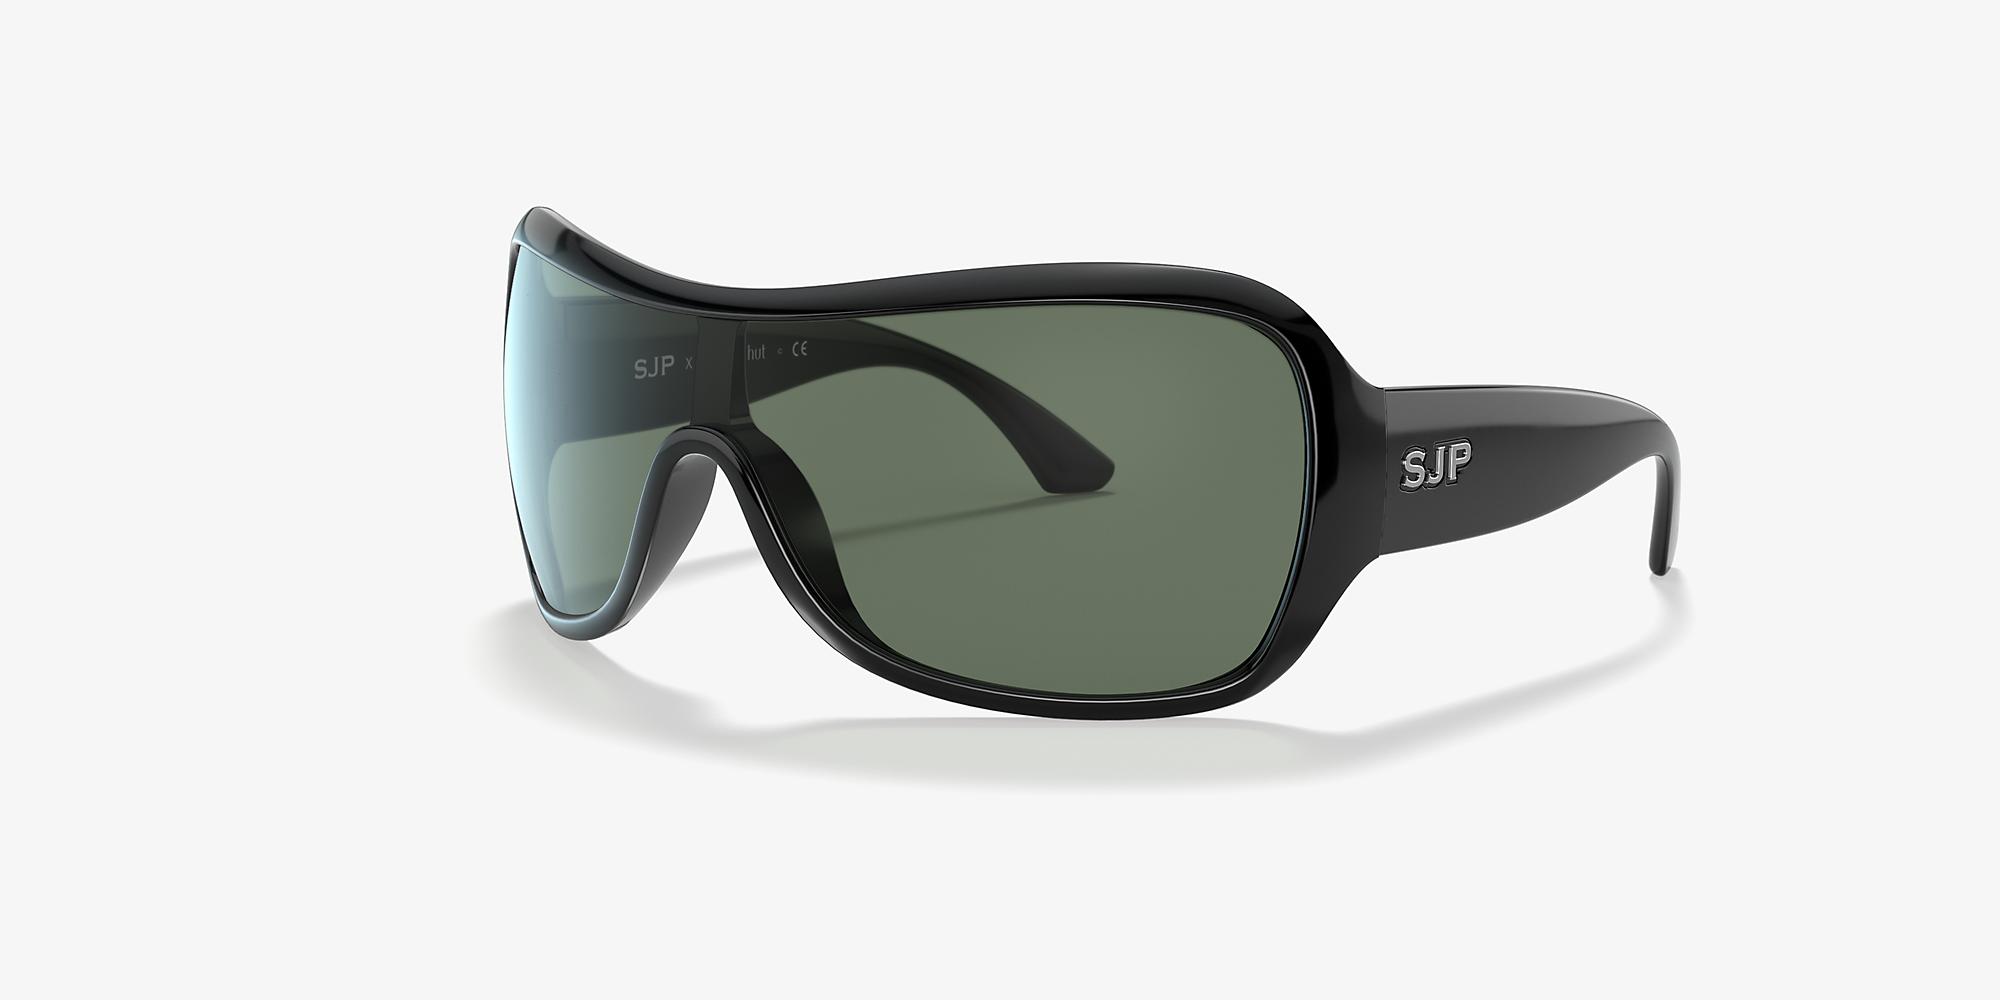 sarah-jessica-parker-oculos-preto-verde